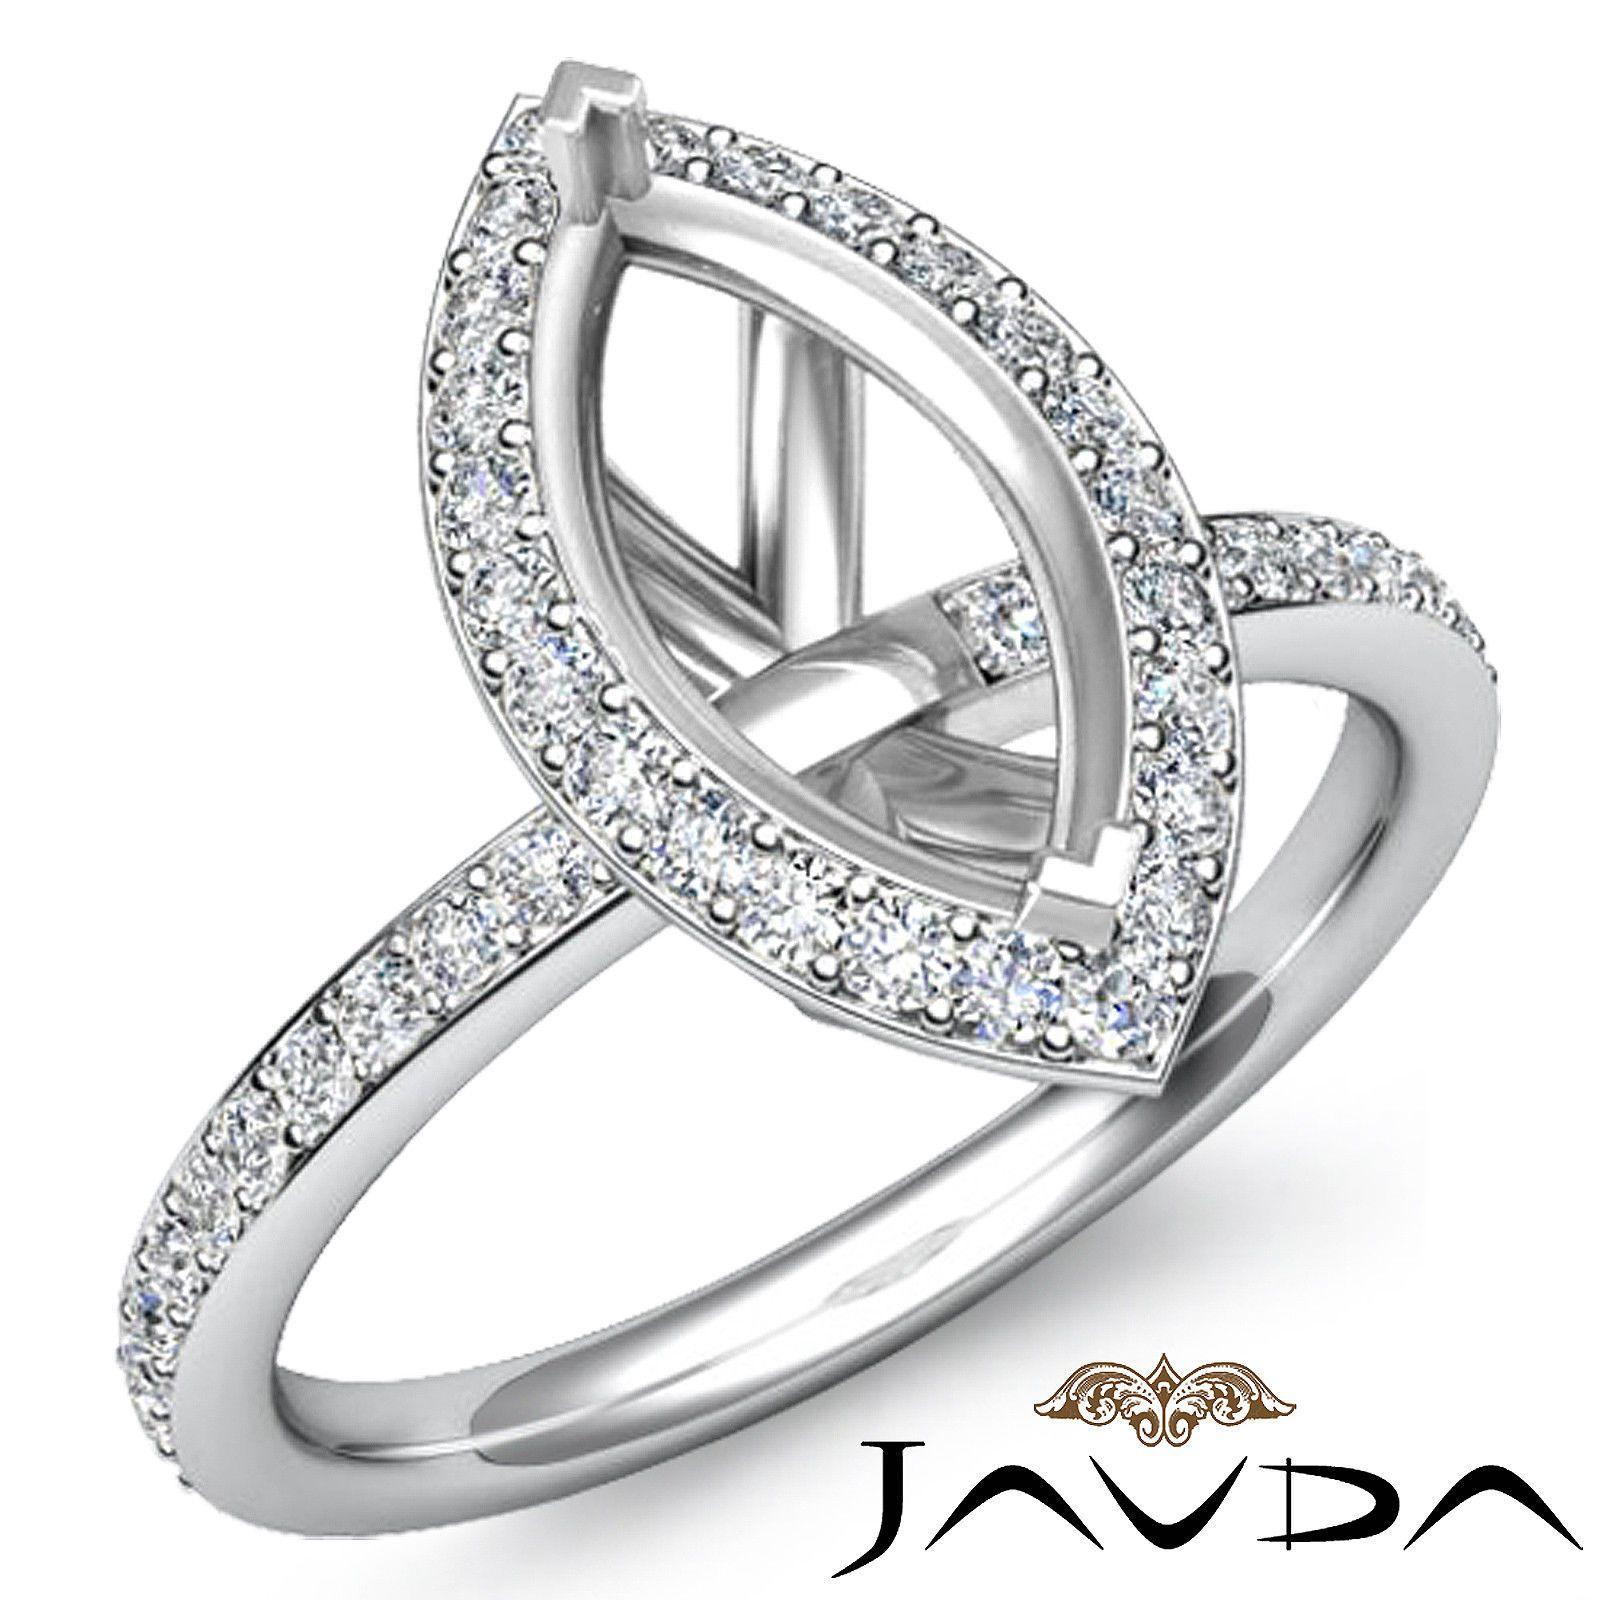 Diamond Engagement Marquise Shape Proposed Halo Ring Platinum 950 Semi Mount 1ct | eBay